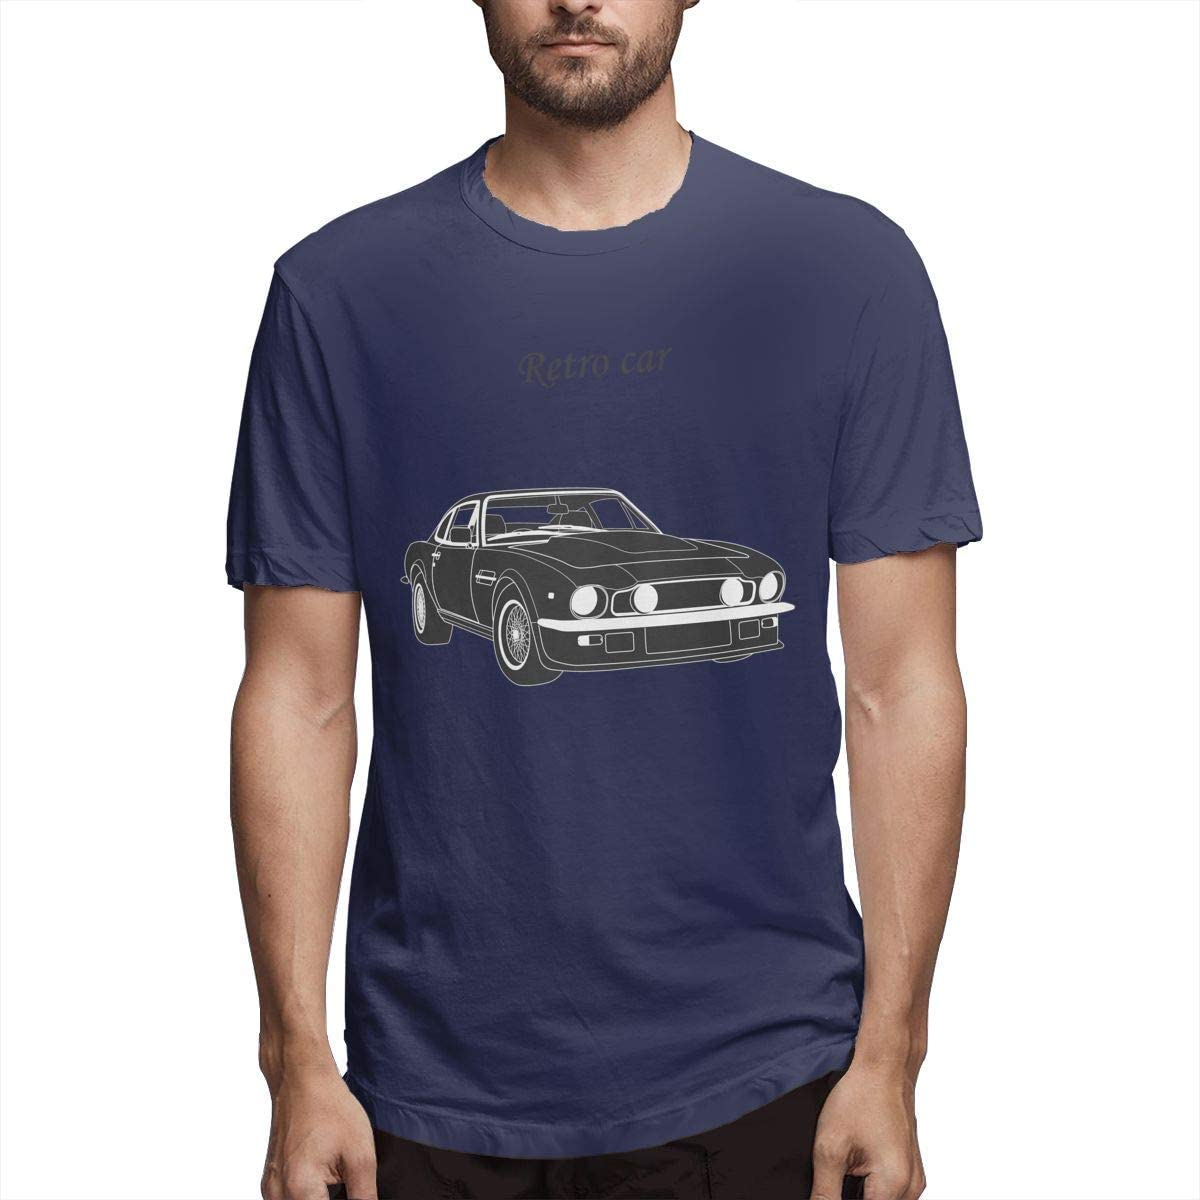 Hombres Personalizados cómodo Coche de época. Coche Retro. Coche clásico. Camisetas Divertidas de Manga Corta Azul Marino L: Amazon.es: Ropa y accesorios